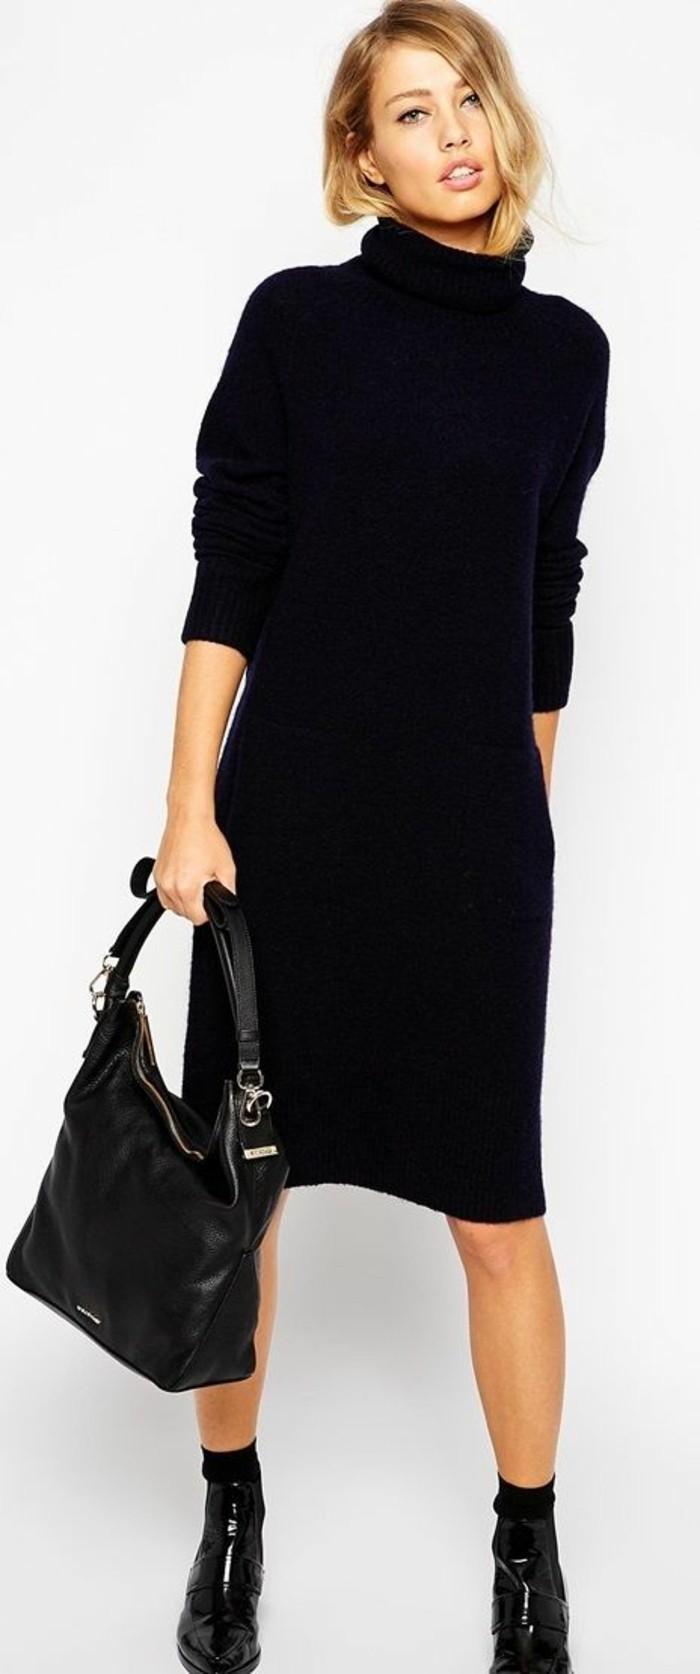 pas cher pour réduction 65845 35208 ▷ 1001+ Idées pour porter votre robe en laine + les looks ...